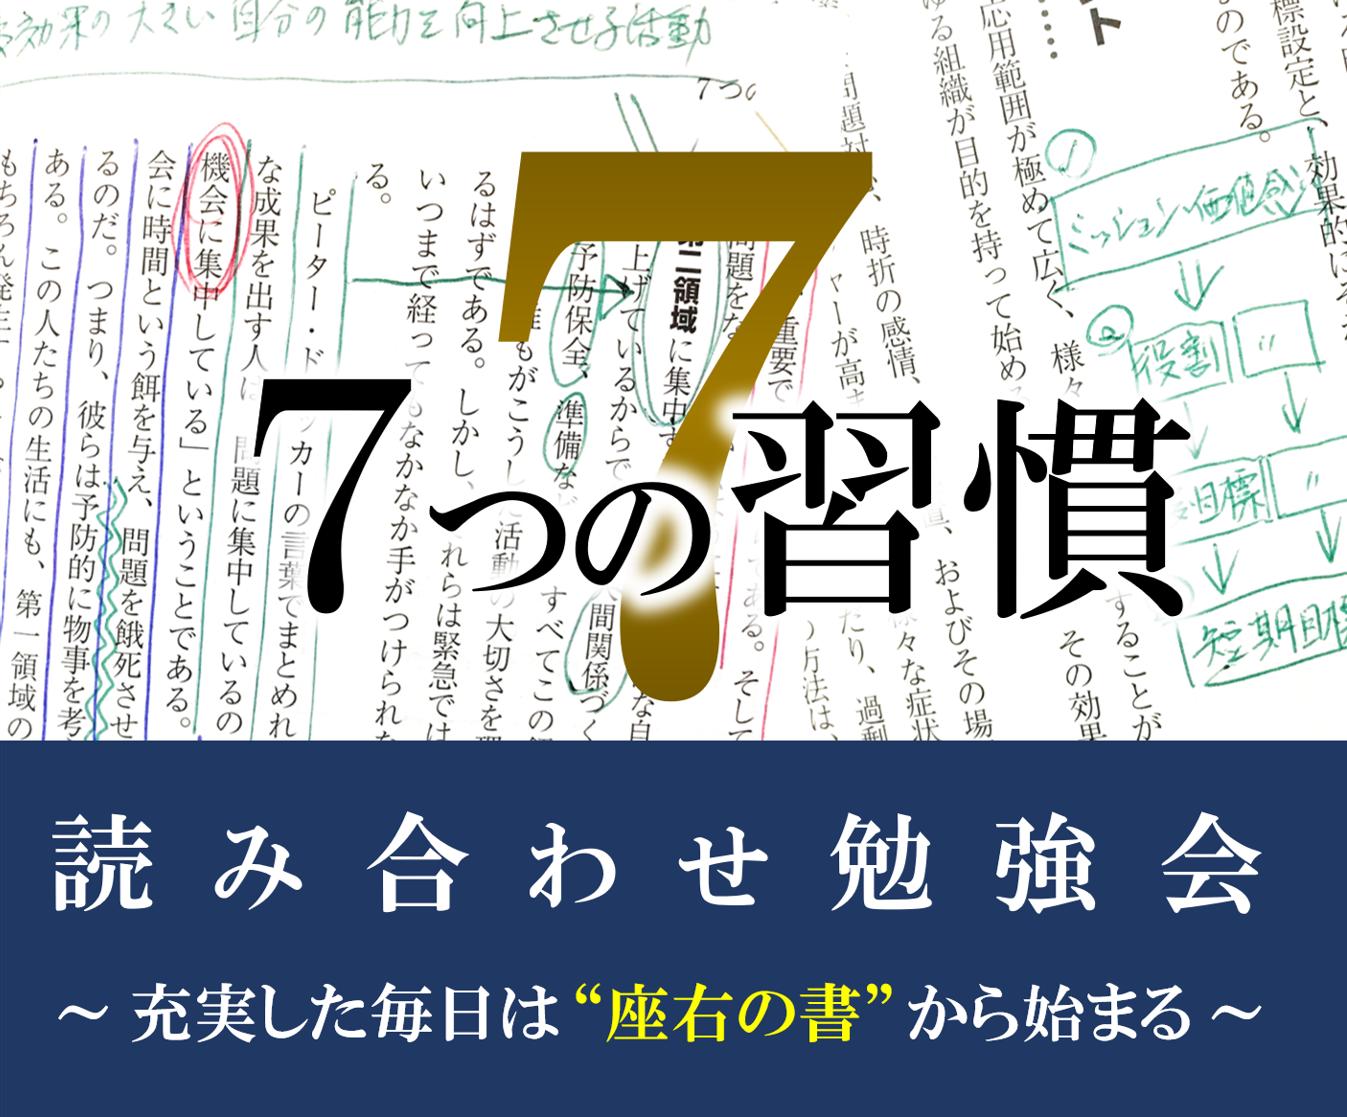 【会員限定】2020年5月度『「7つの習慣」読み合わせ会』収録動画